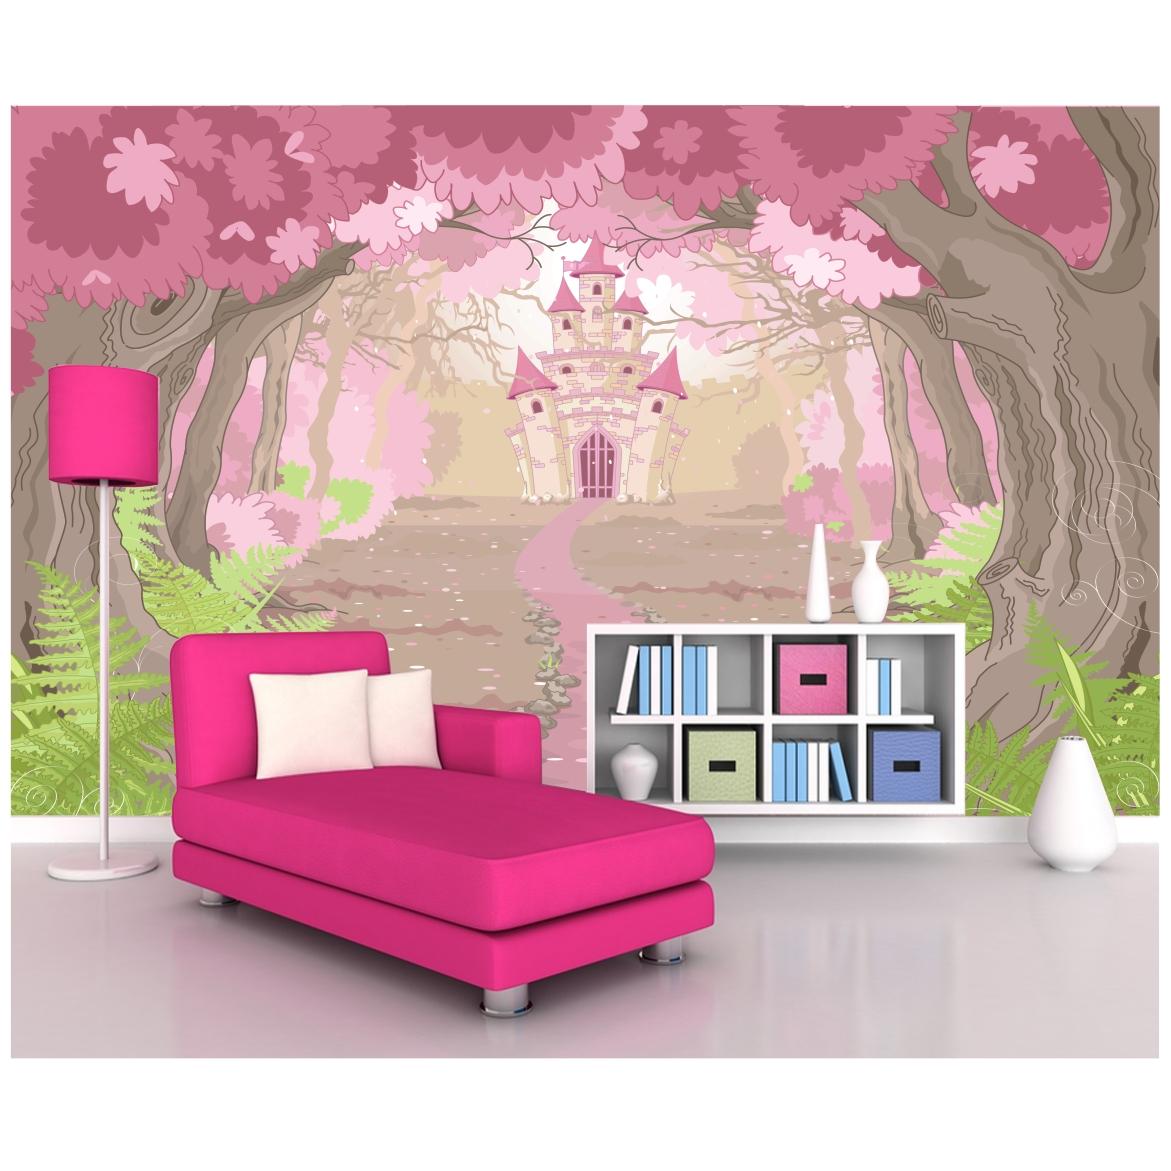 Adesivo Infantil Mural Princesa 6m 35 No Elo7 Quartinhodecorado